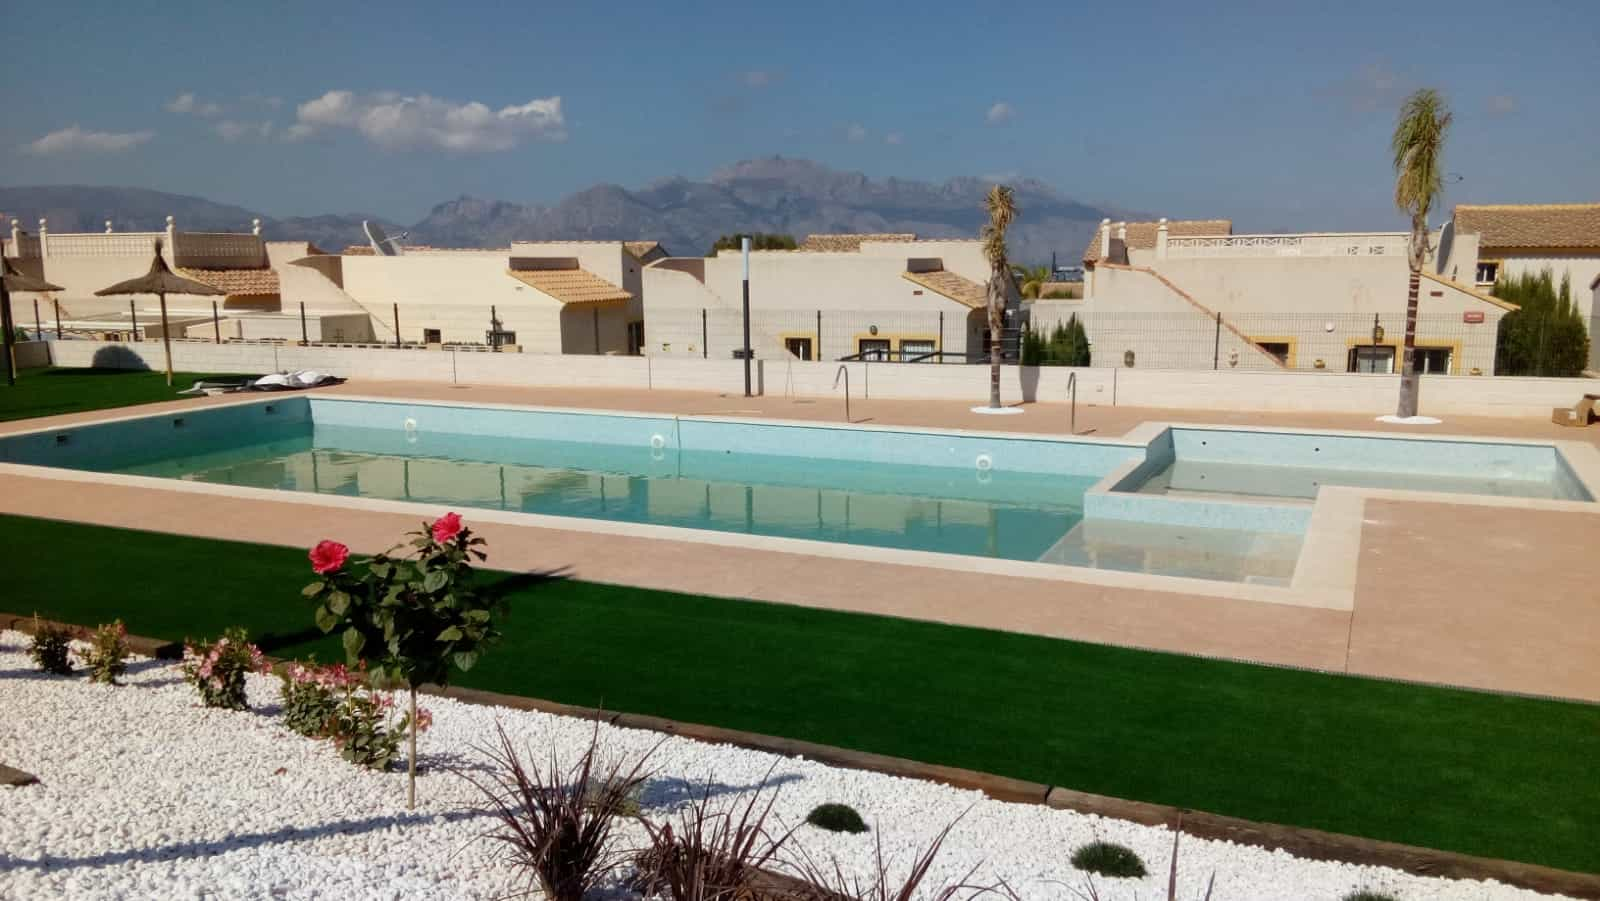 Nieuwbouw Appartement Te koop in Polop in Spanje, gelegen aan de Costa Blanca-Noord